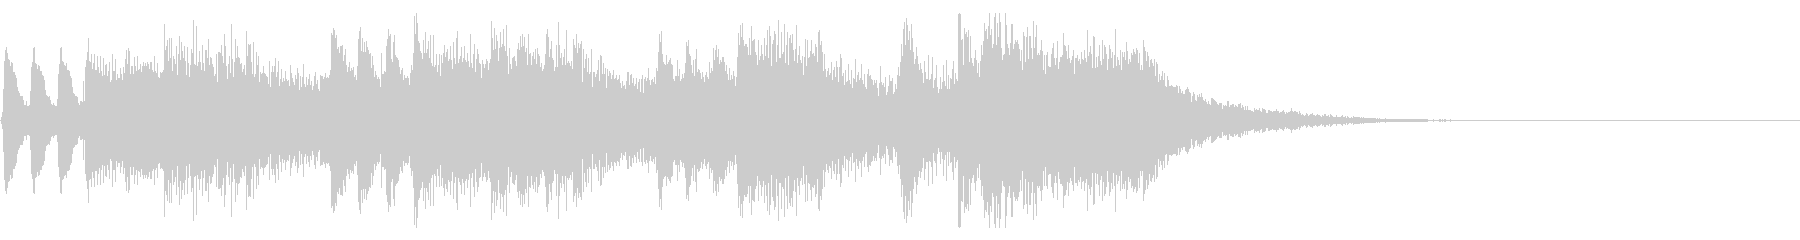 パパパパパーン(結婚式風ファンファーレ)の未再生の波形